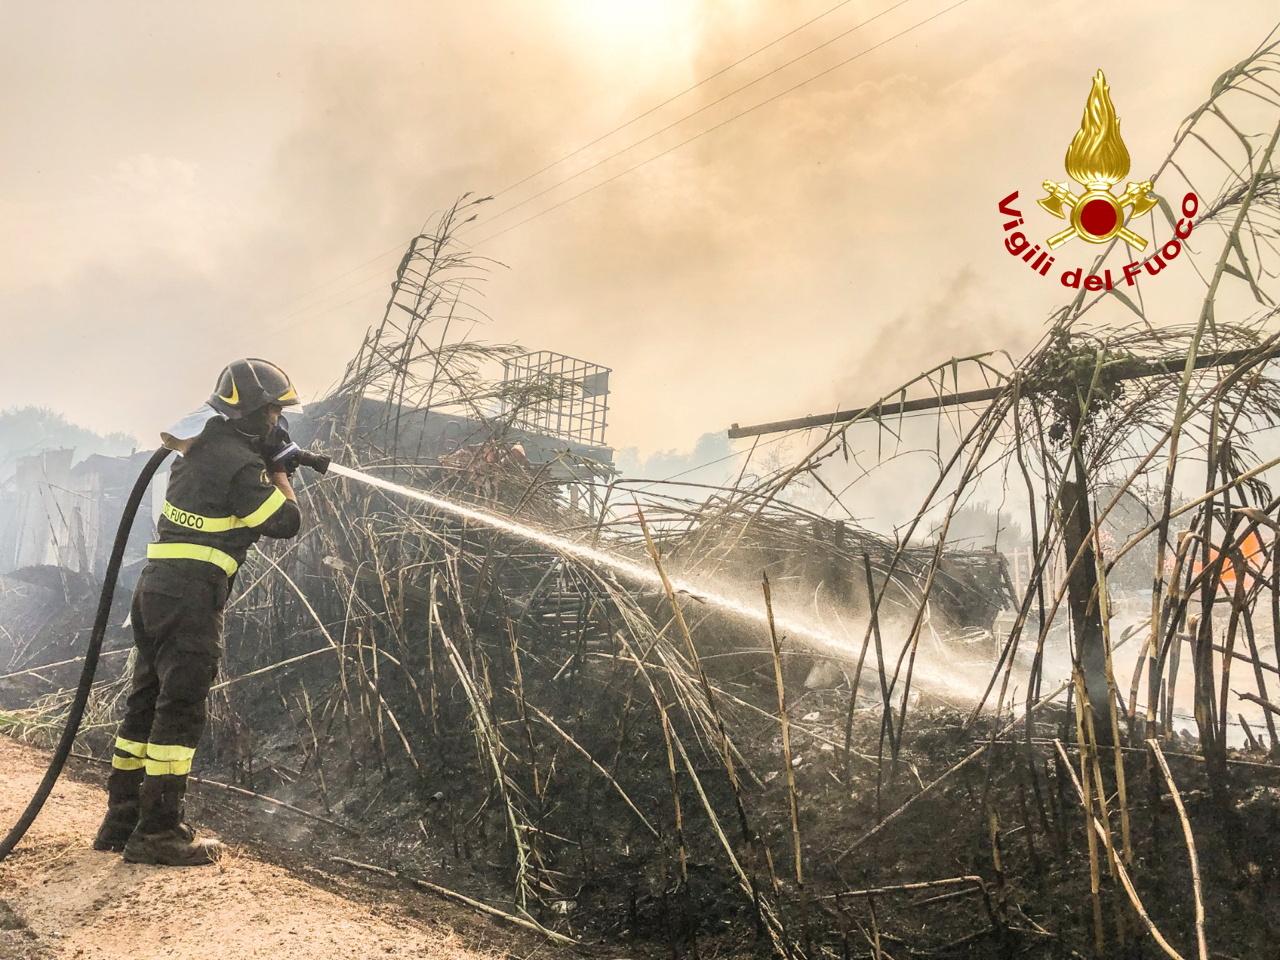 Φωτιές στην Ιταλία: Δύο νεκροί και 60 εστίες στην Καλαβρία – Καίγονται εκτάσεις σε ελληνόφωνα χωριά